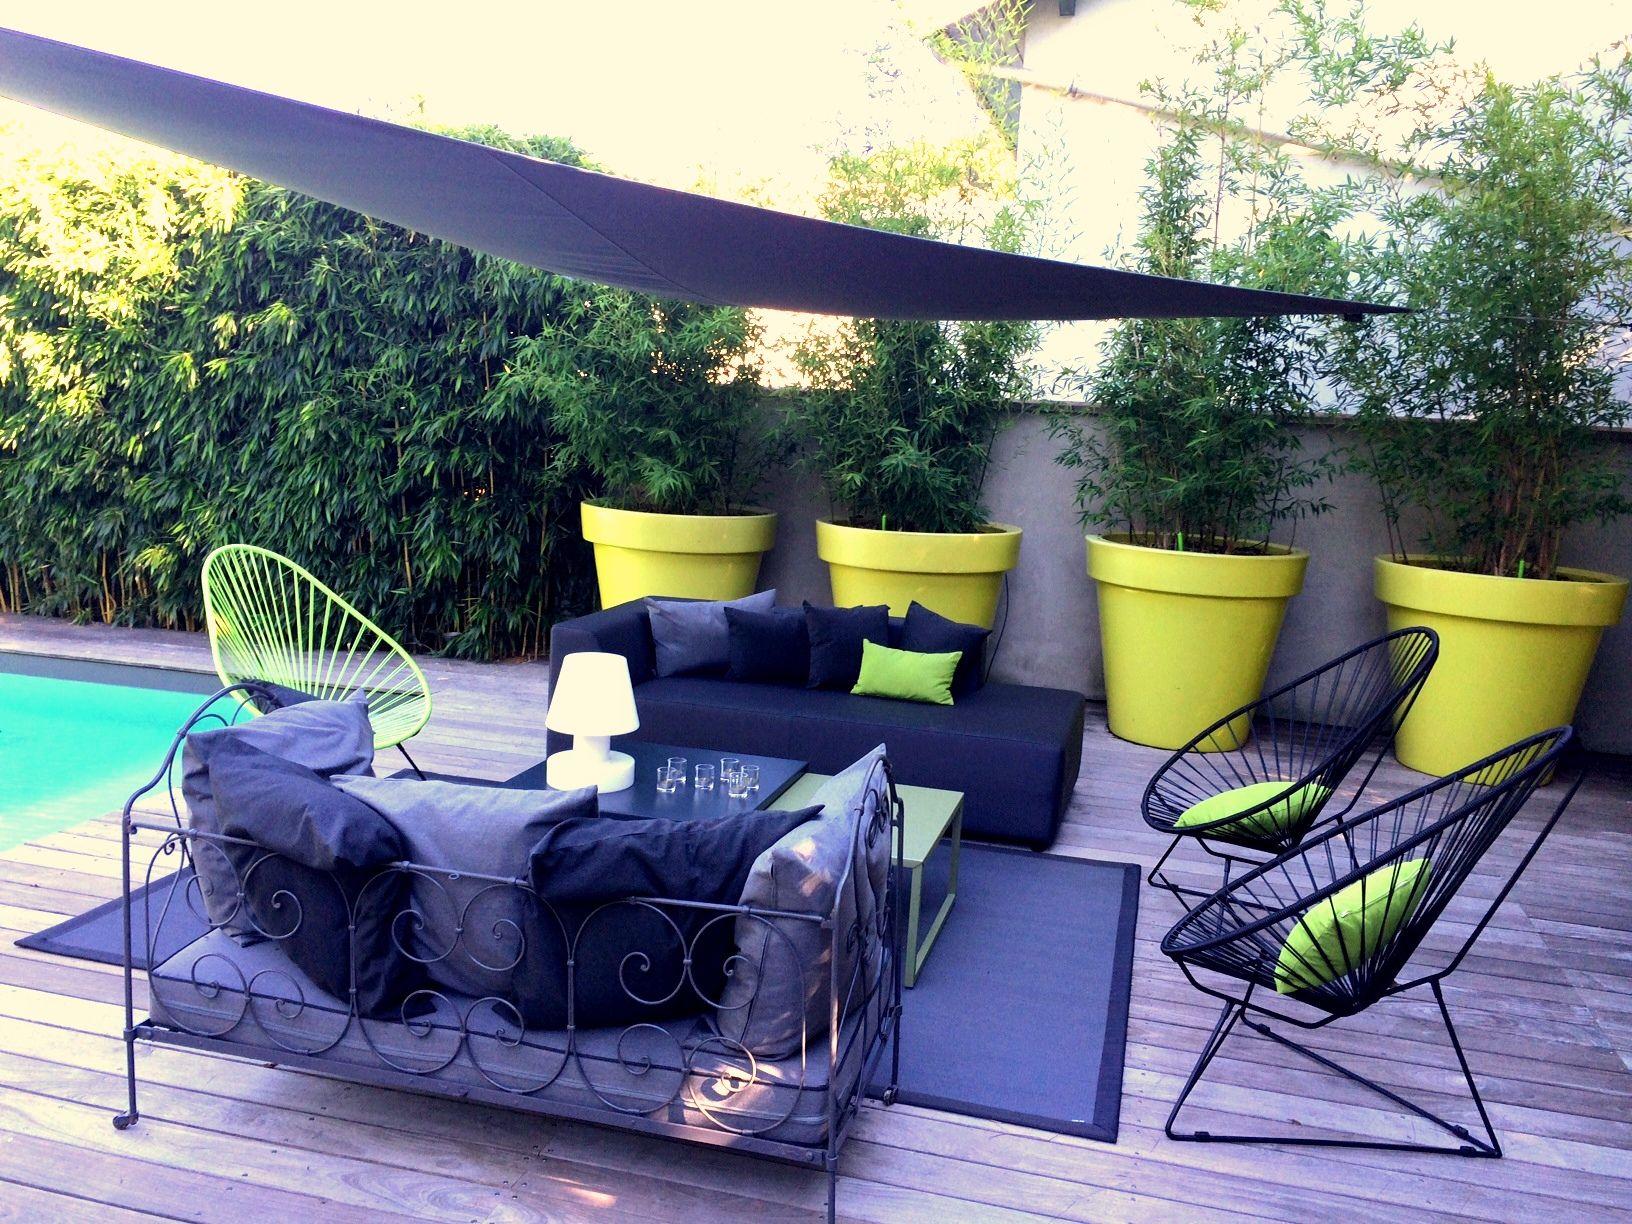 Épinglé par UareDesign sur Mobilier de jardin | Mobilier ...